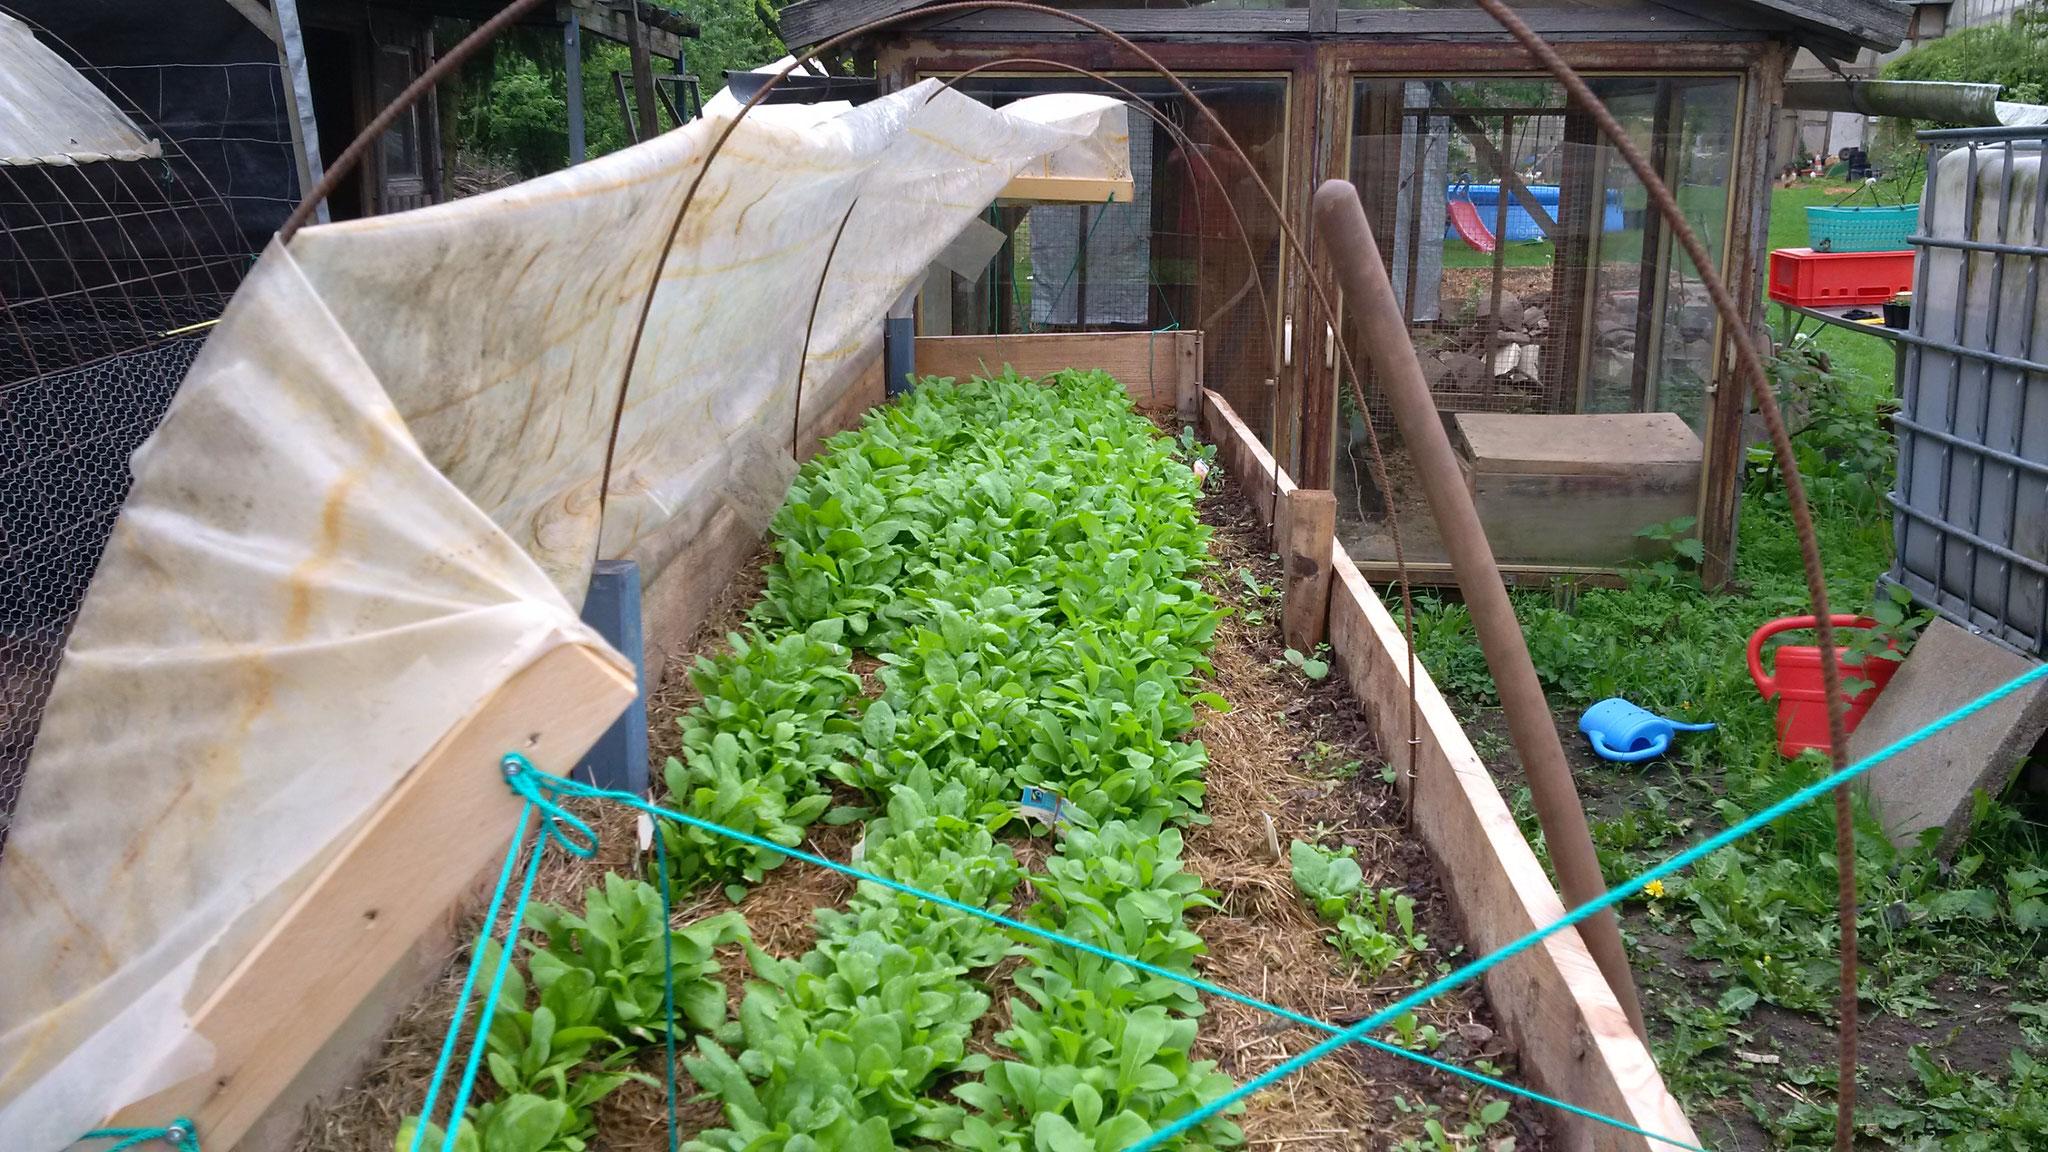 Spinat und Salatrauke. Rechts solte eigentlich noch eissalat kommen... Dafür haben wir 10 Blumenkohlkeimlinge dahinter